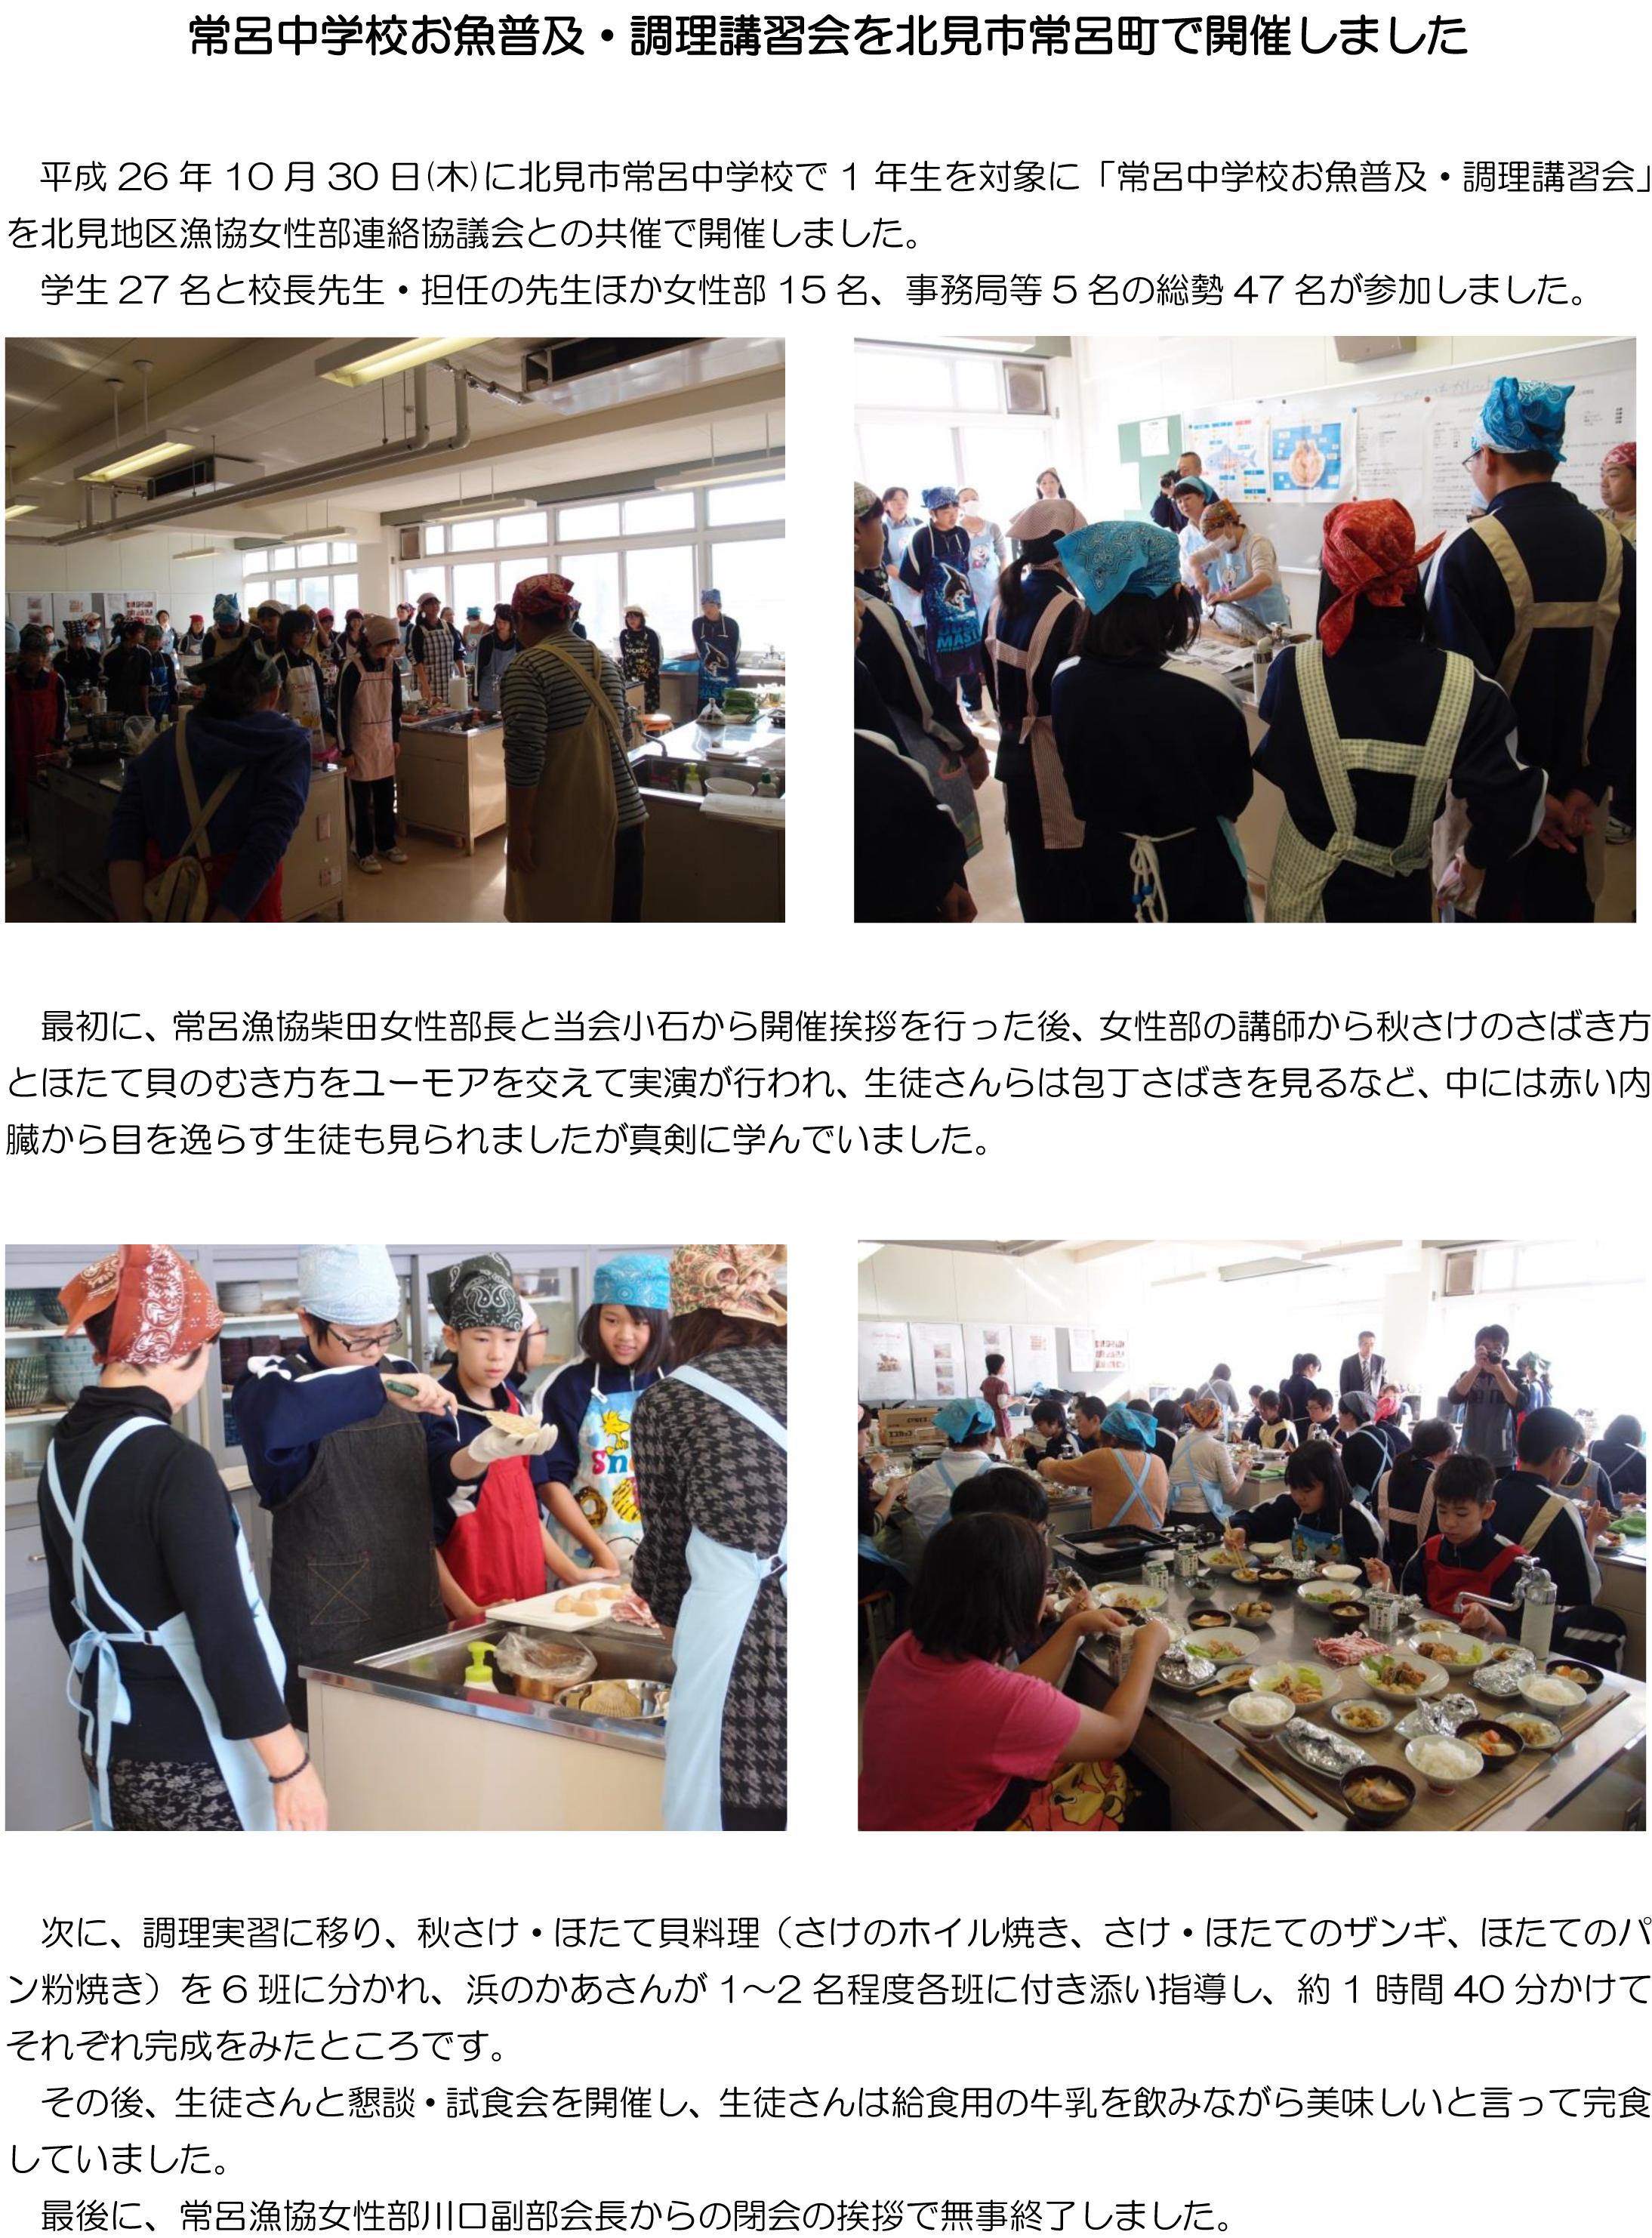 常呂中学校お魚普及・調理講習会を北見市常呂町で開催しました